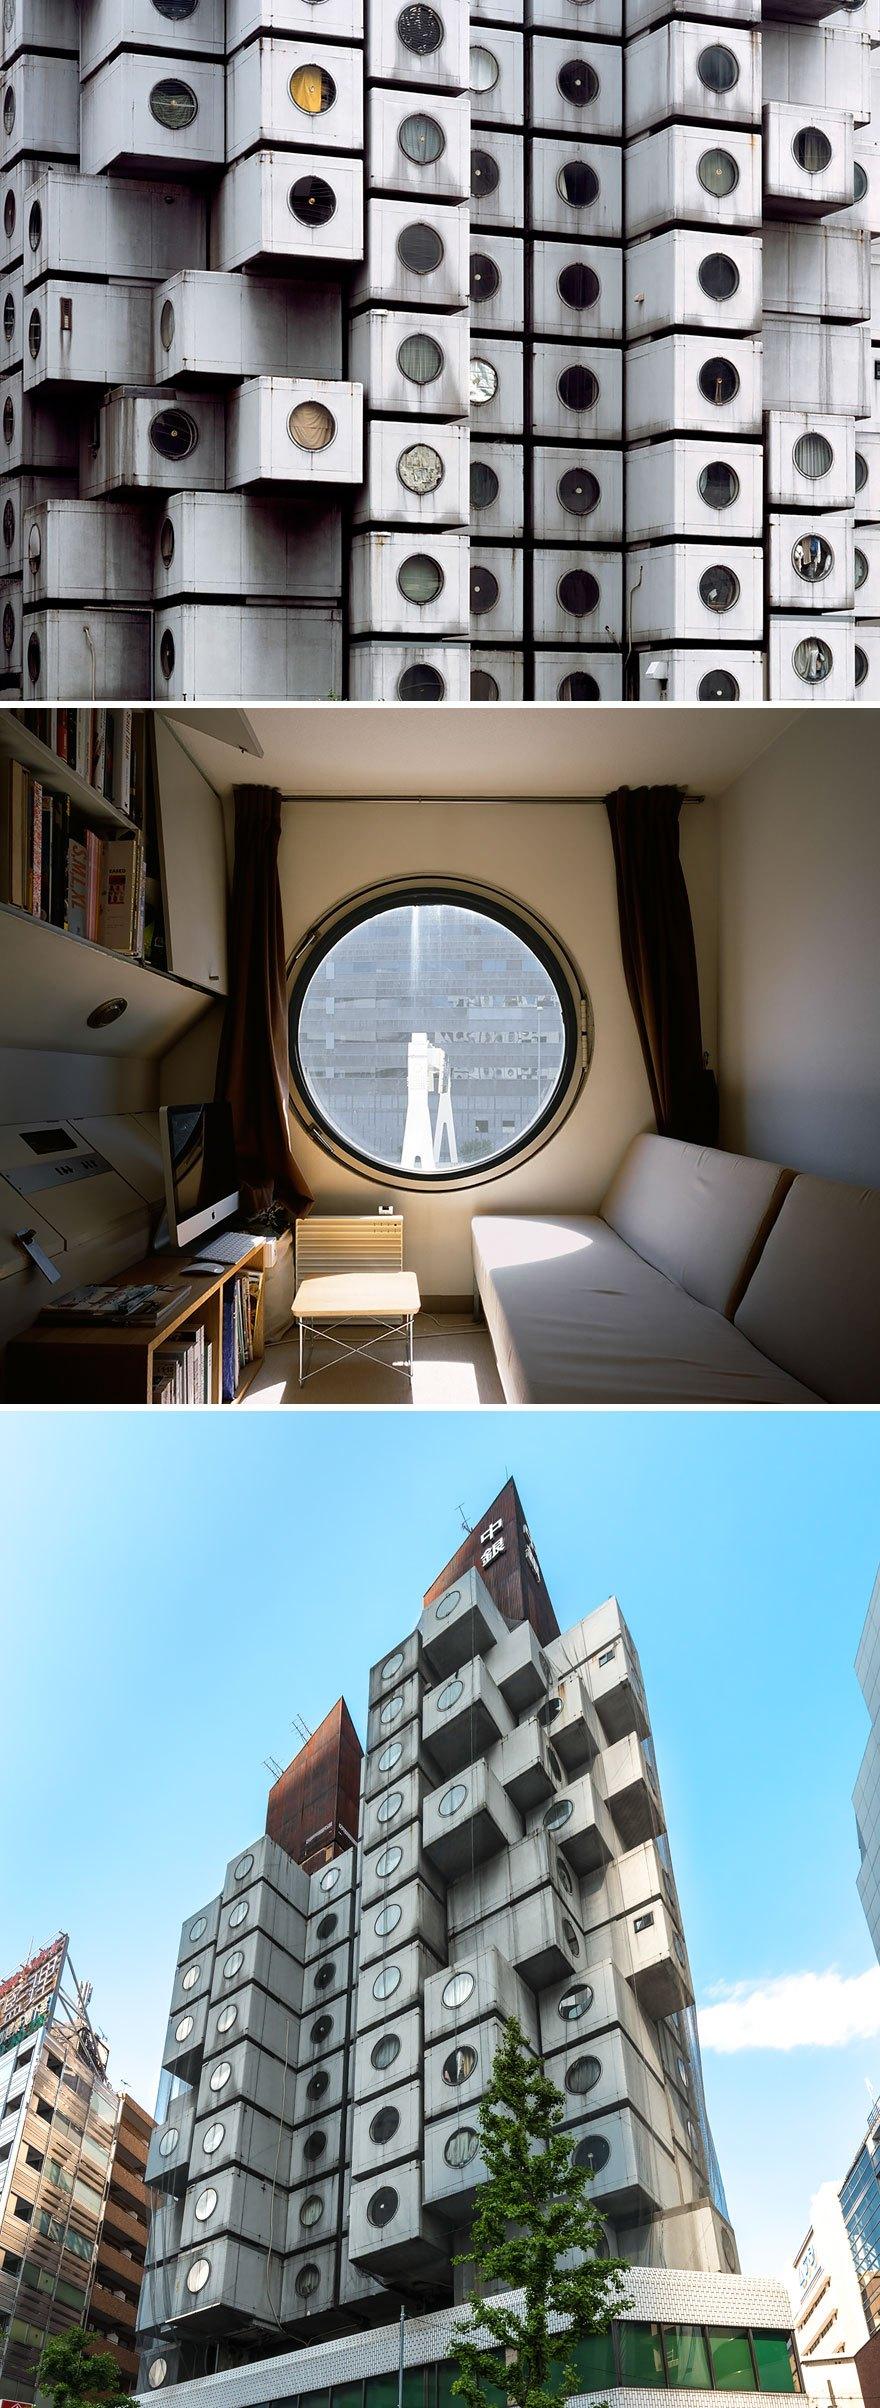 15 самых удивительных примеров современной японской архитектуры